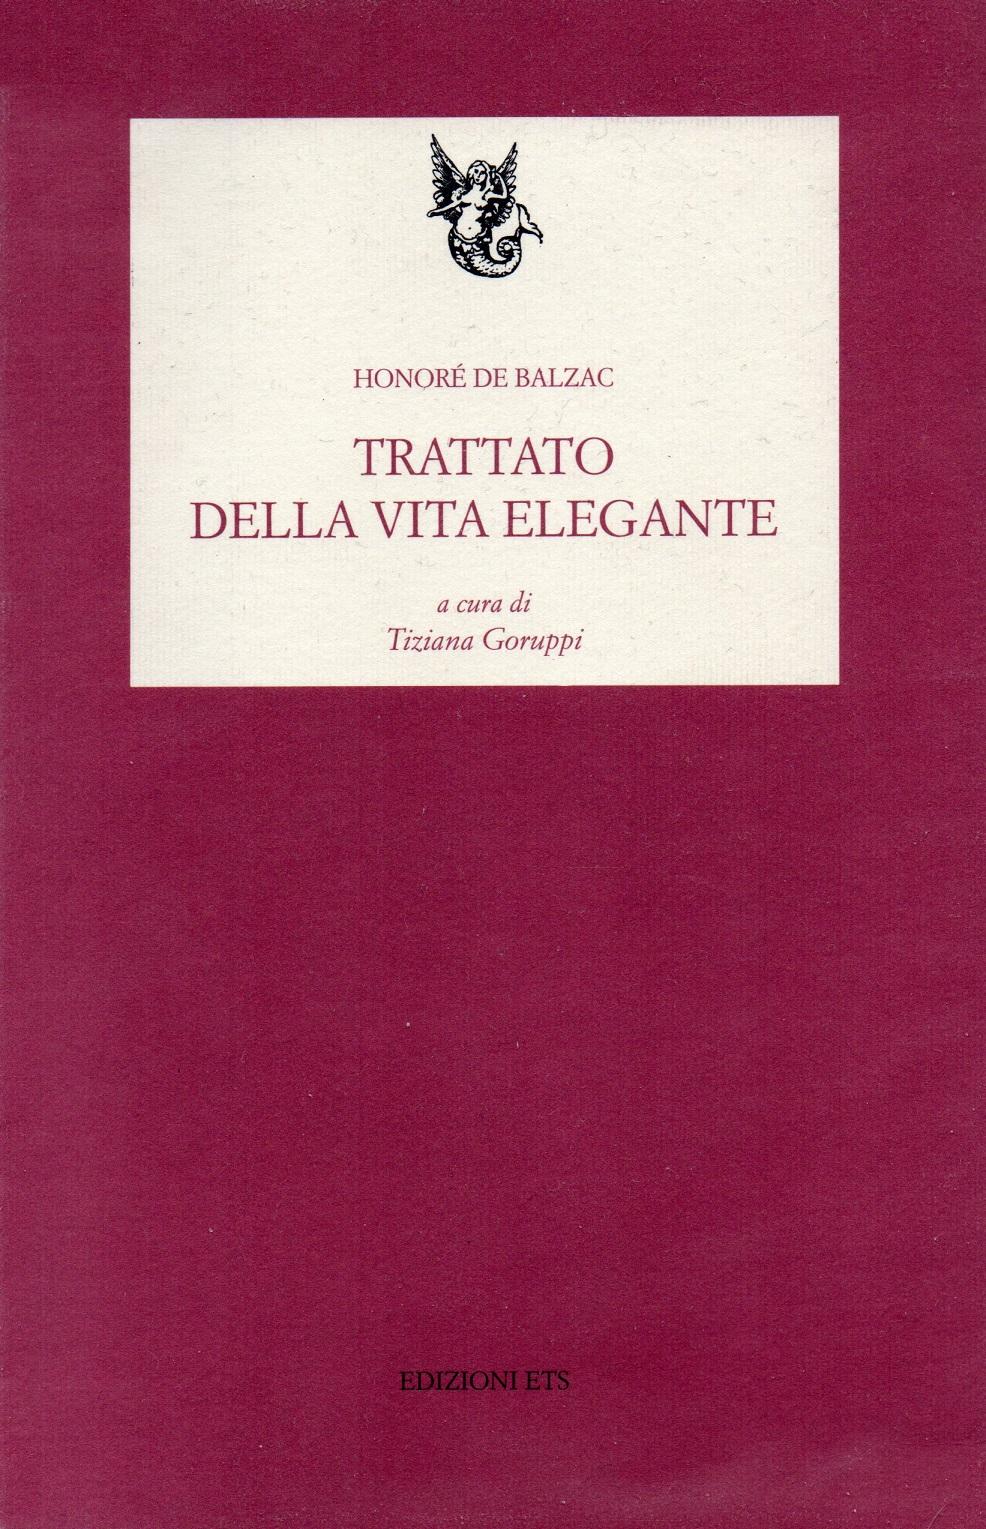 Trattato della vita elegante